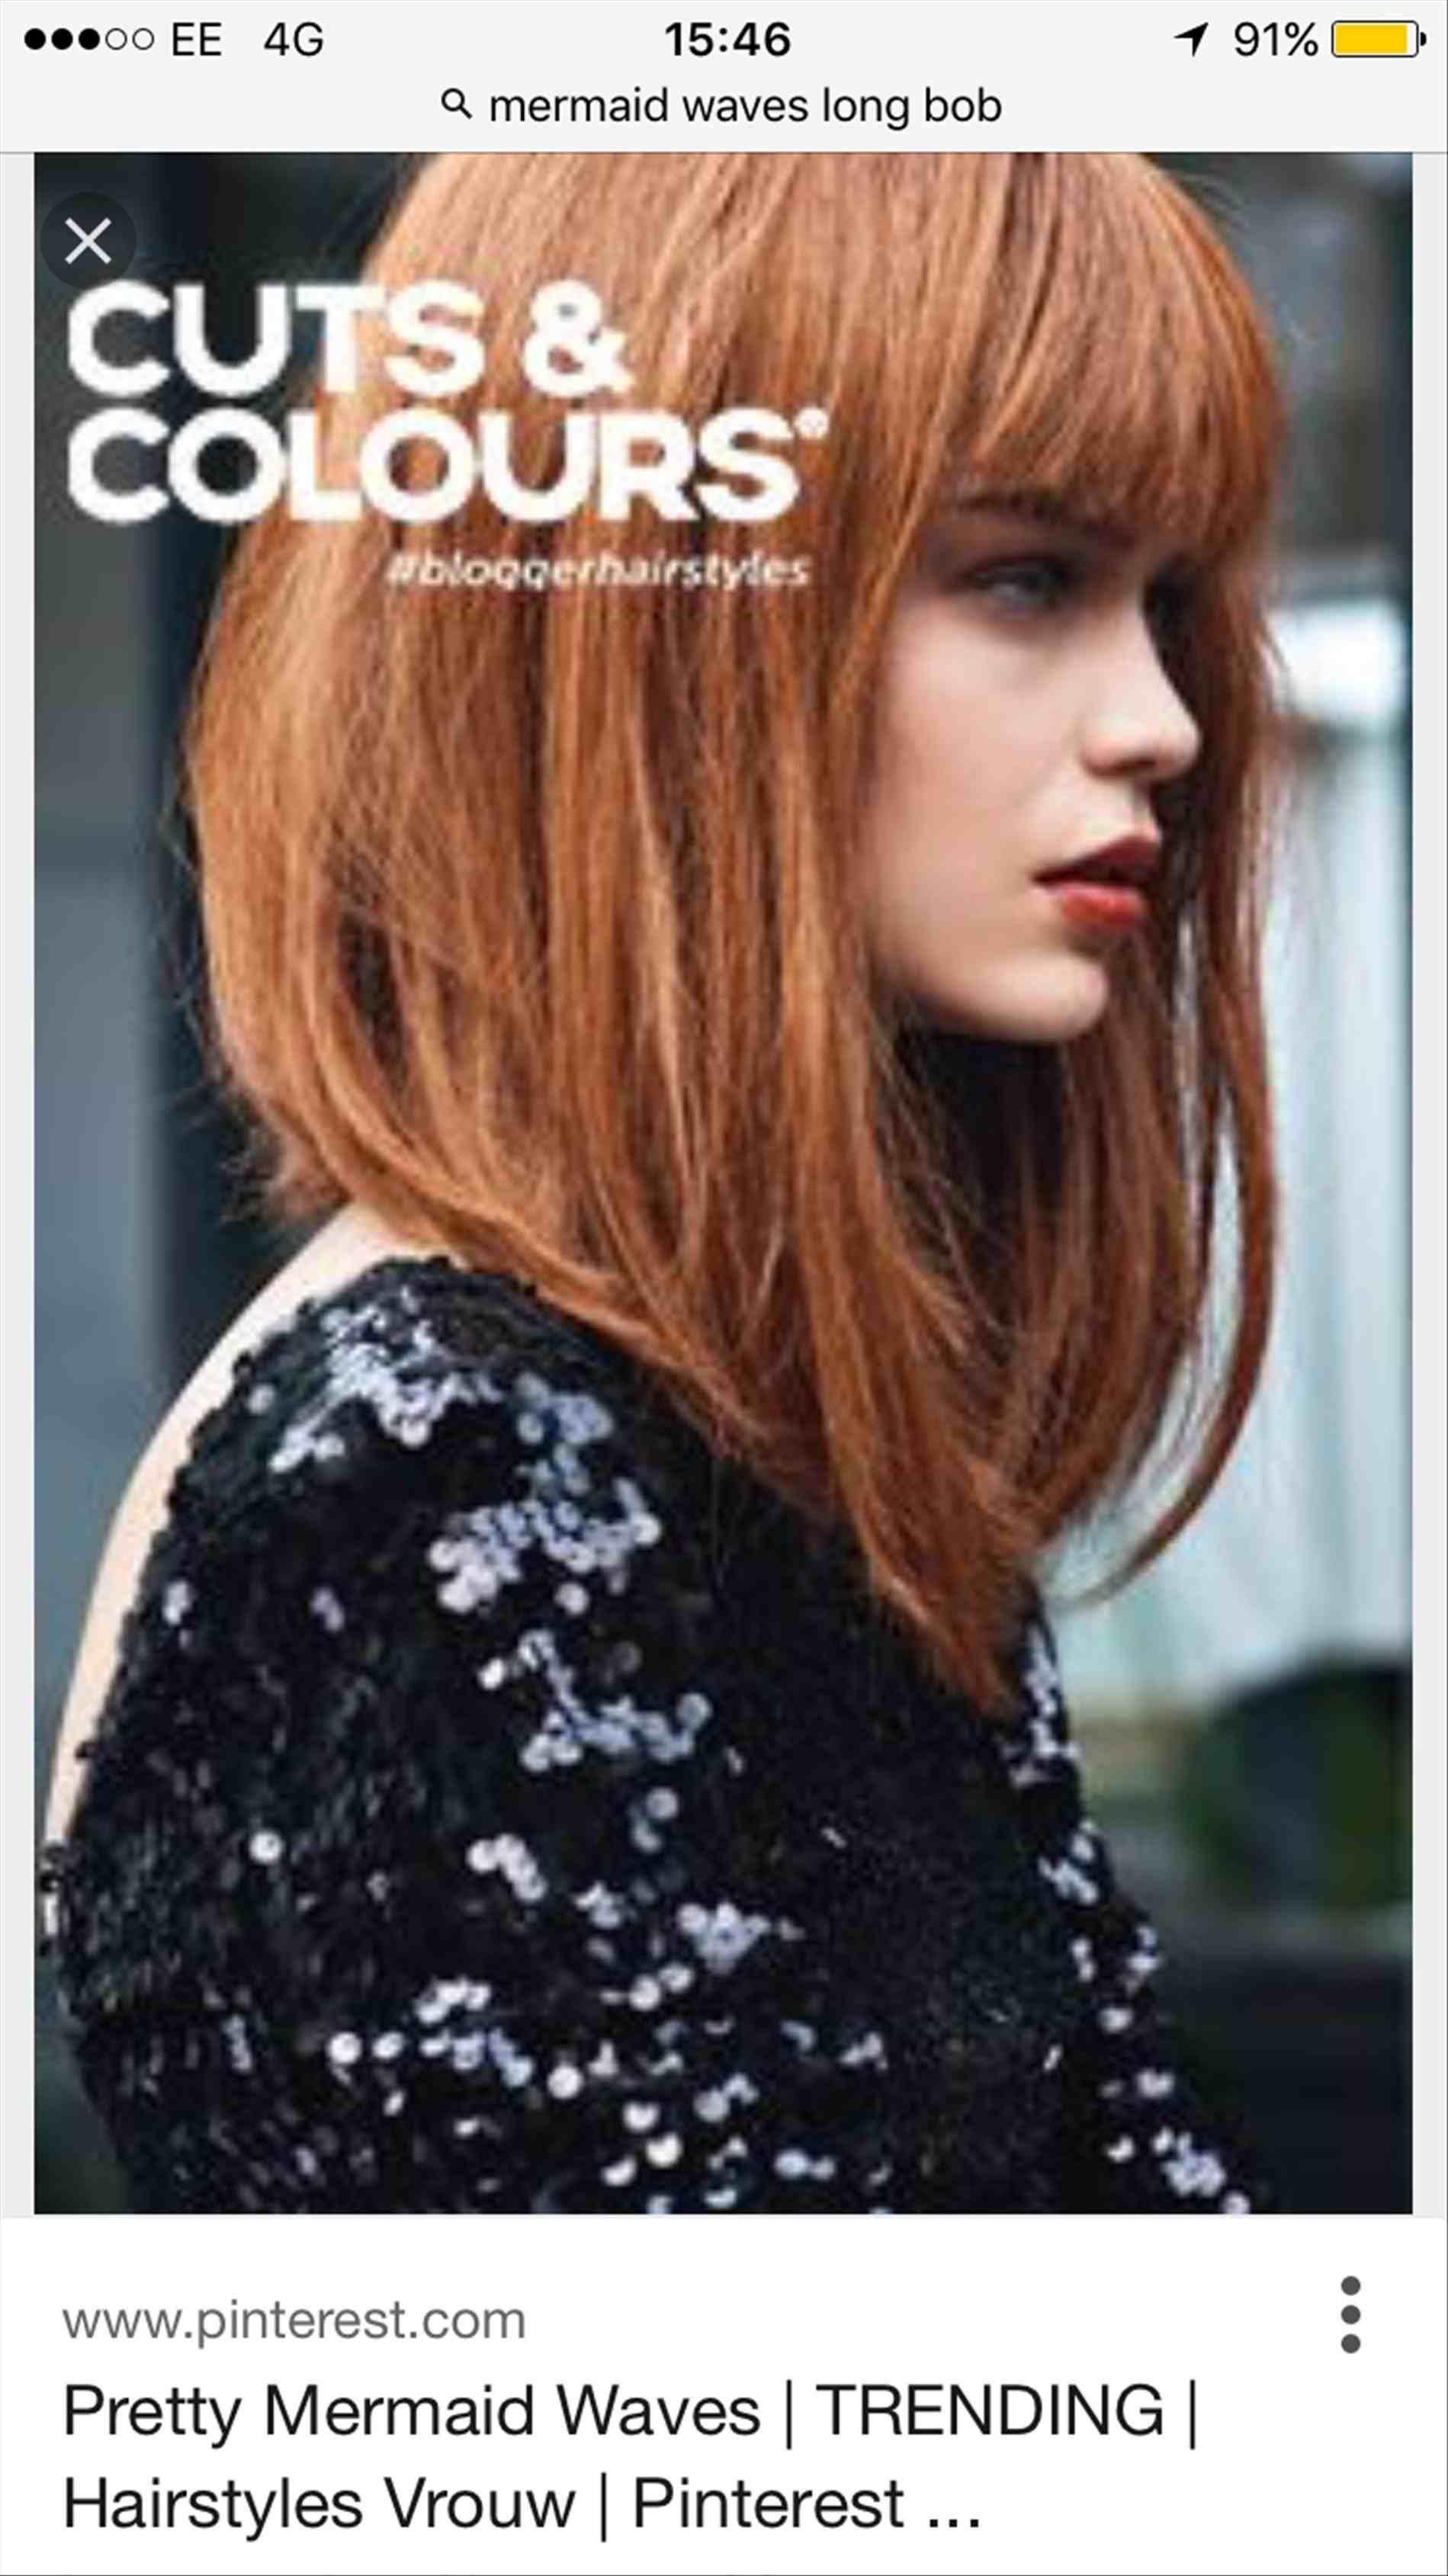 Pin by Marjo Curgus on Hair in 2019